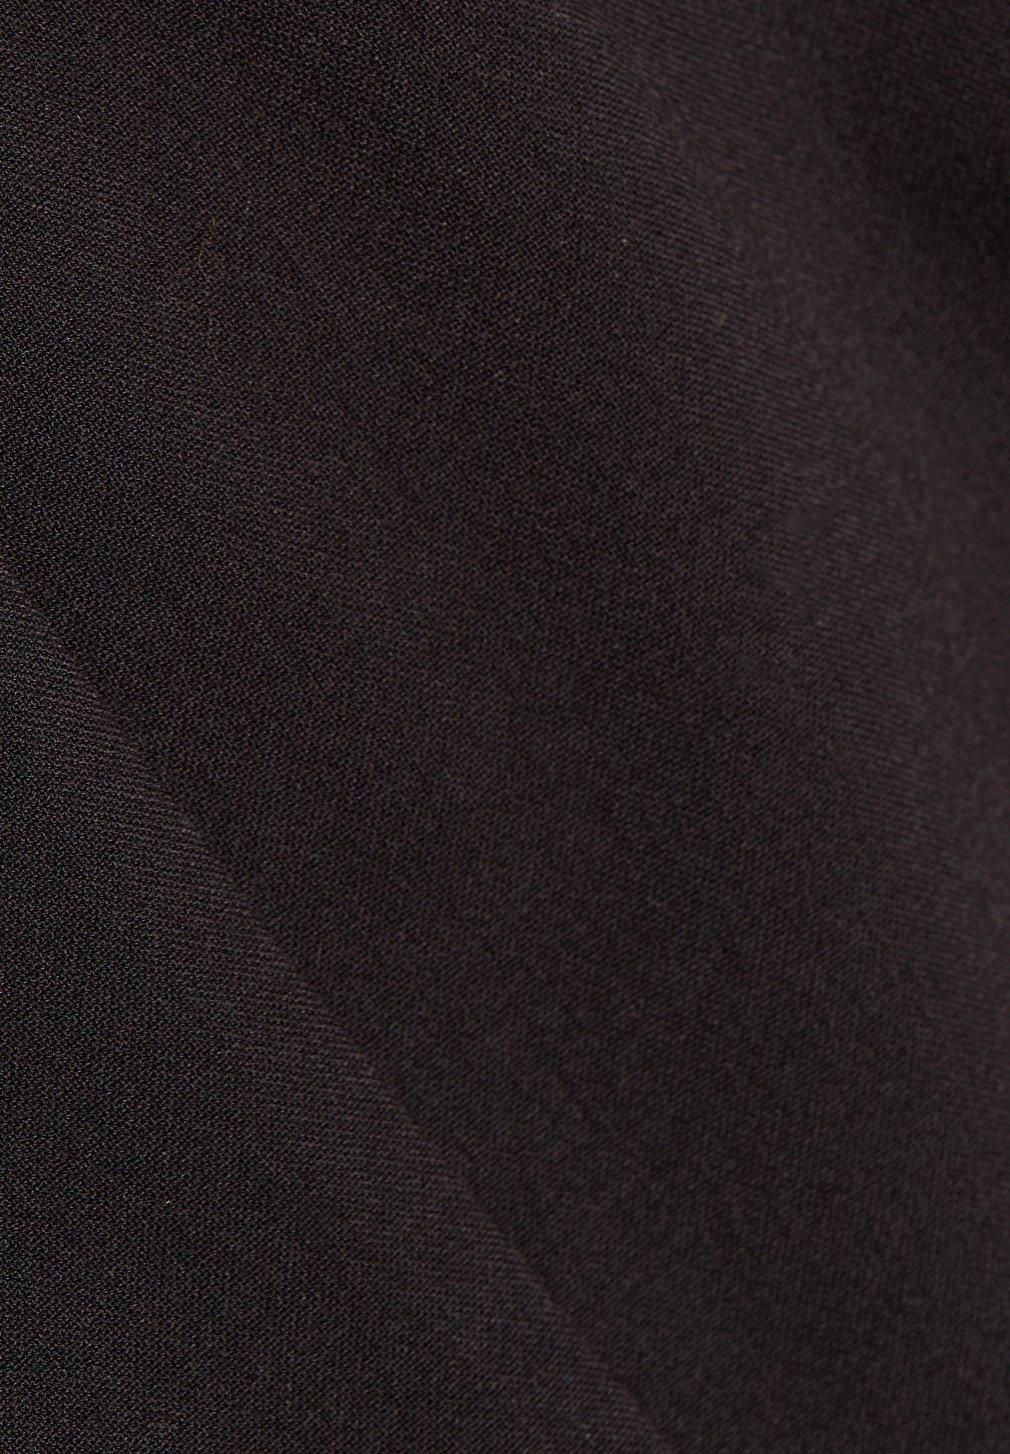 Esprit TAILLIERTER Blazer black/schwarz